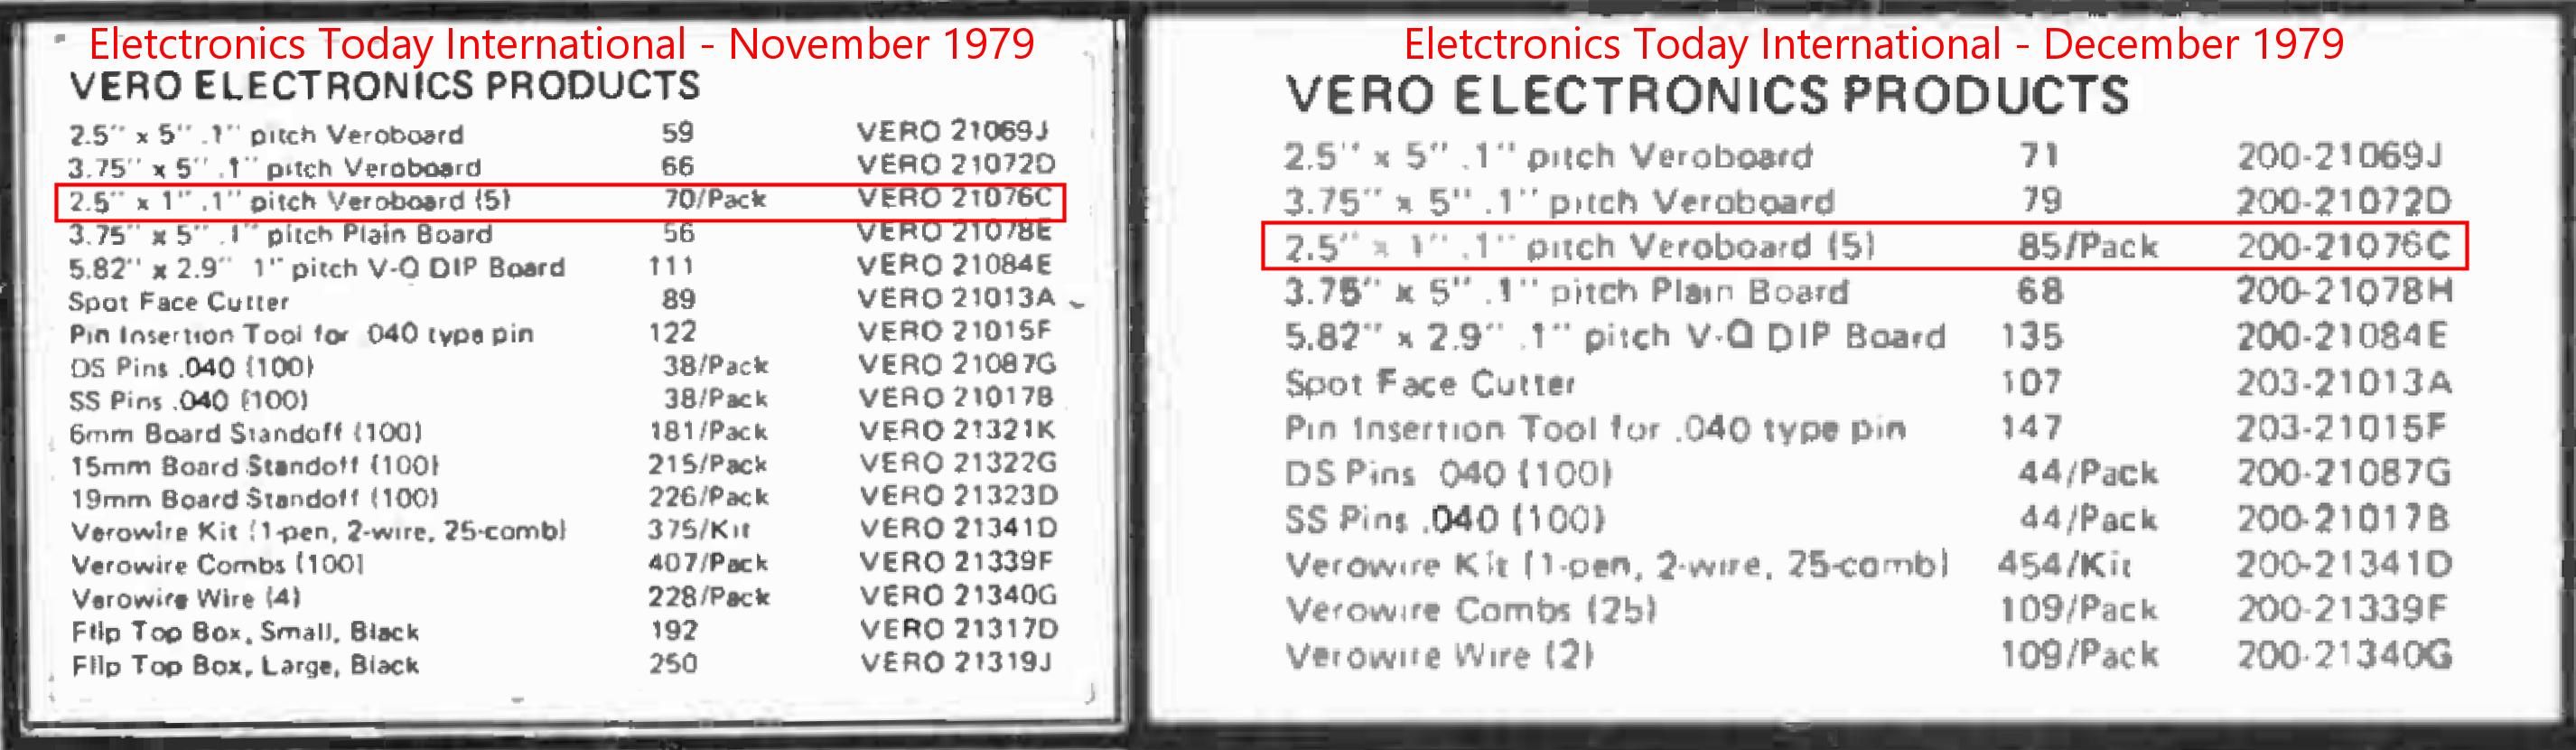 Veroboard Vero to 200 21076C_2.png